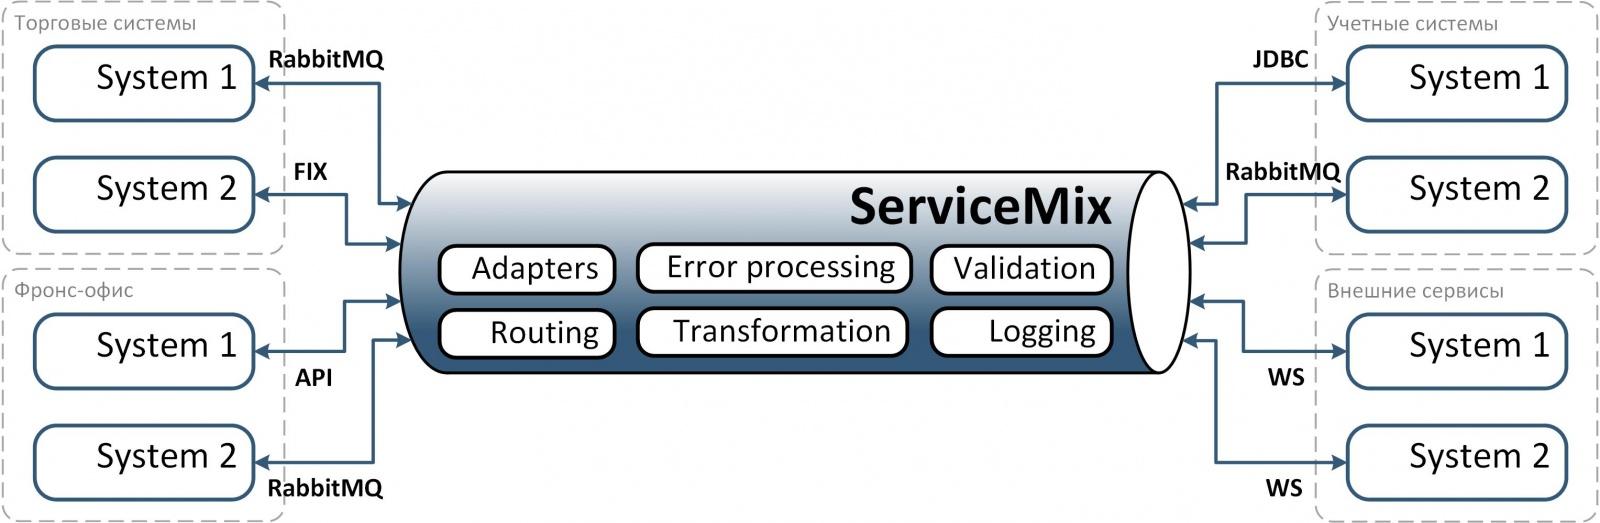 Опыт построения интеграционной платформы на базе ServiceMix (Camel) и RabbitMQ - 6